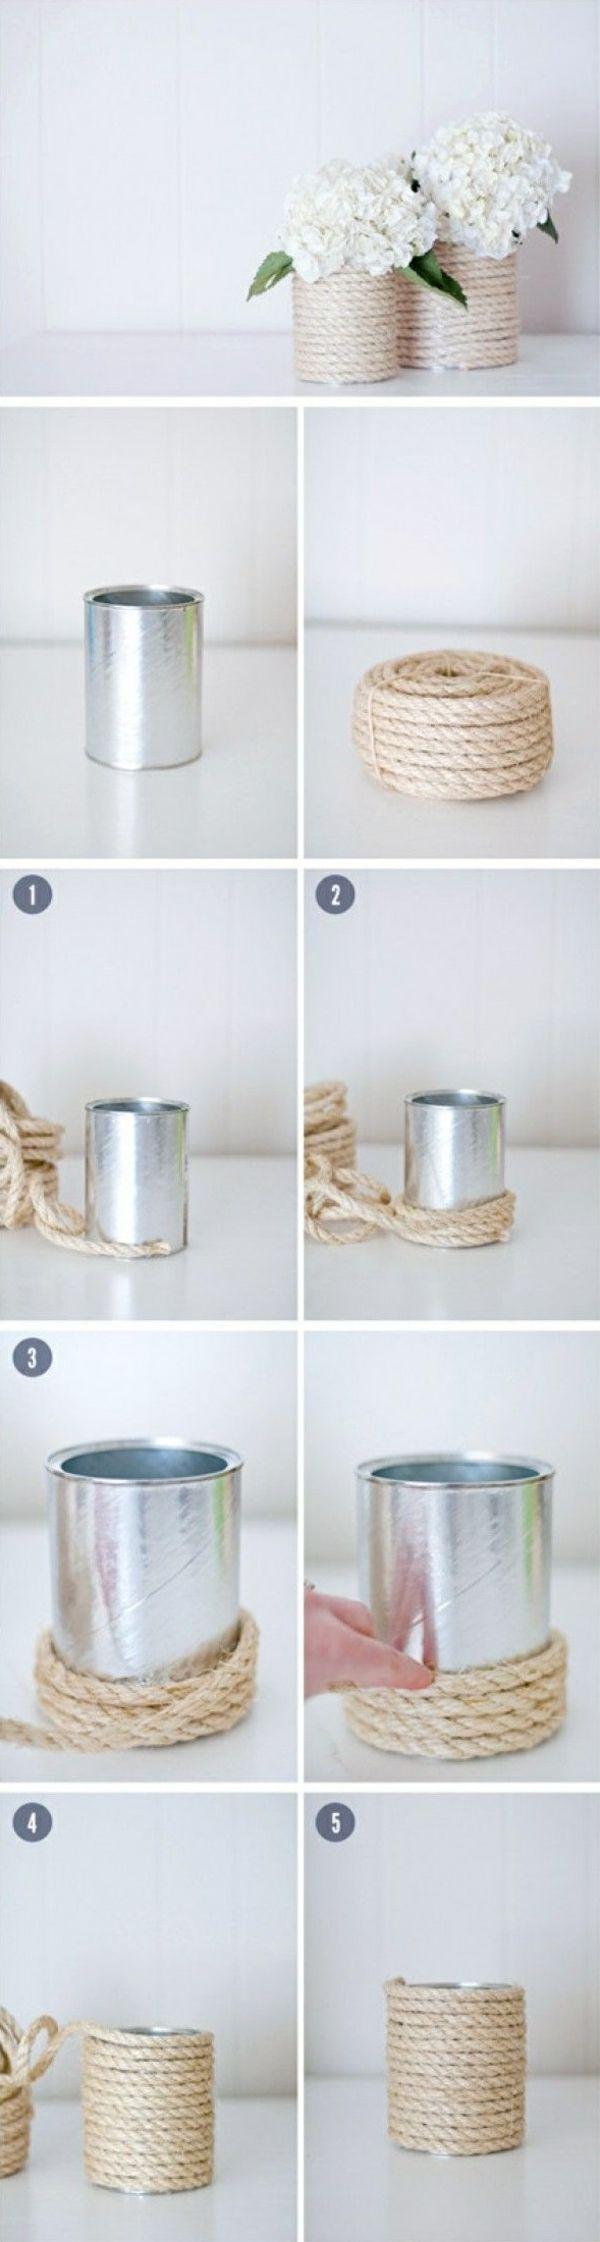 blumenvase aus glas bindfade umwickeln